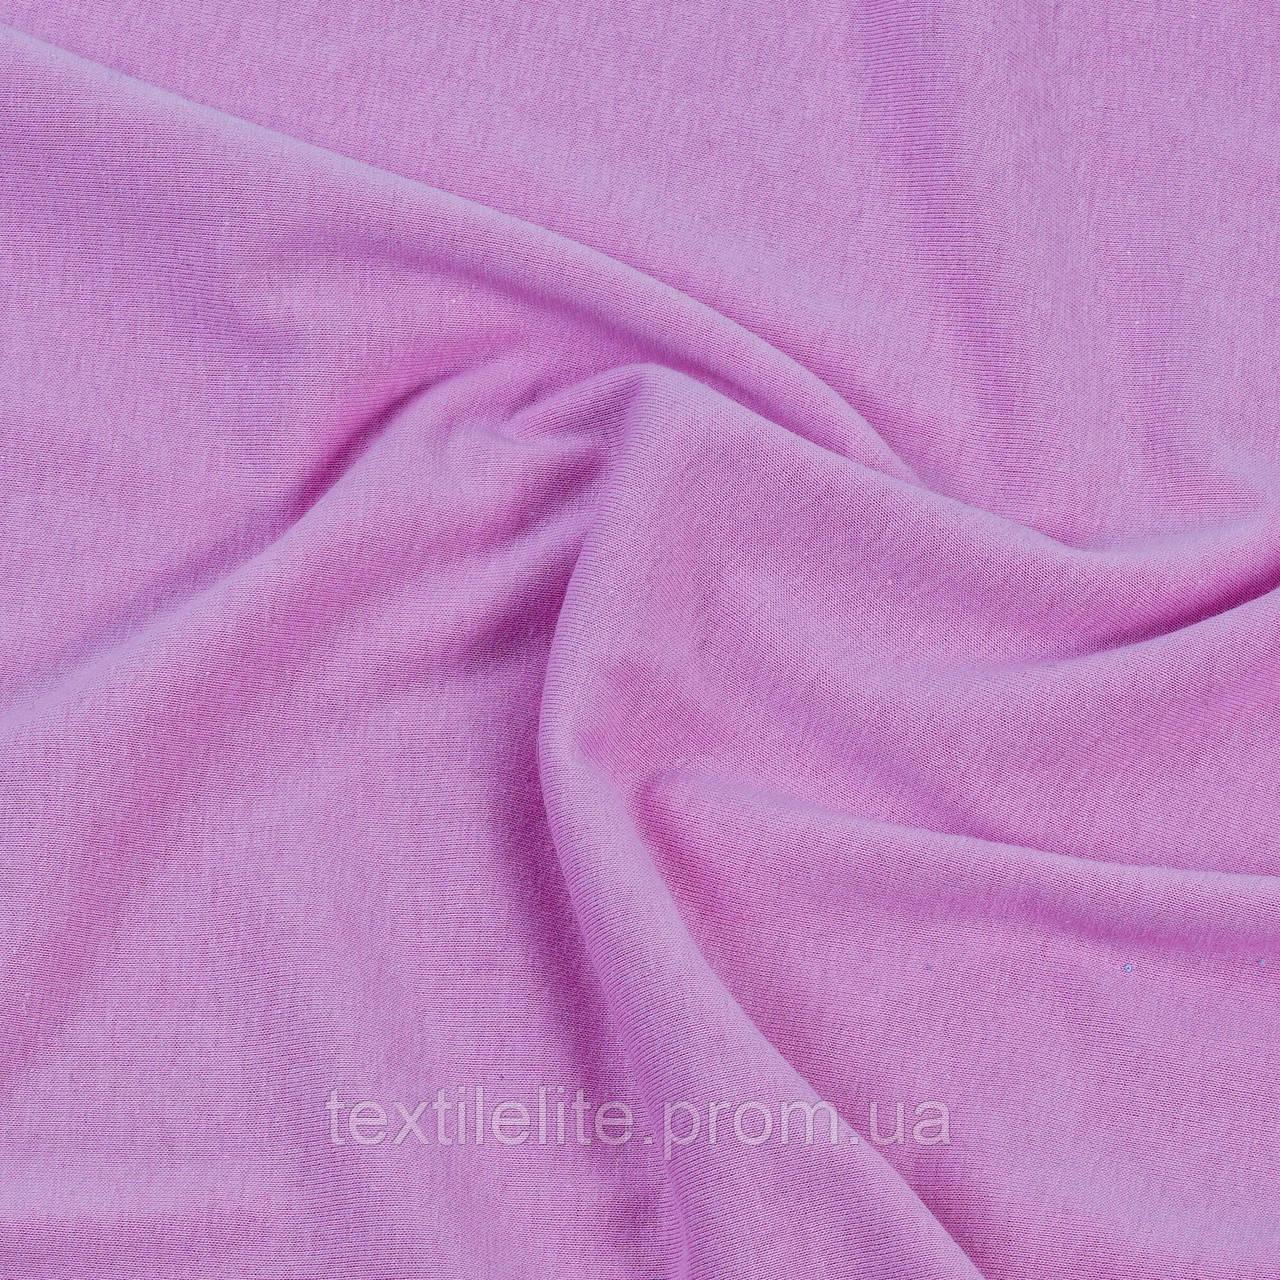 Трикотажная ткань кулирка розово-сиреневый , хлопок 100%